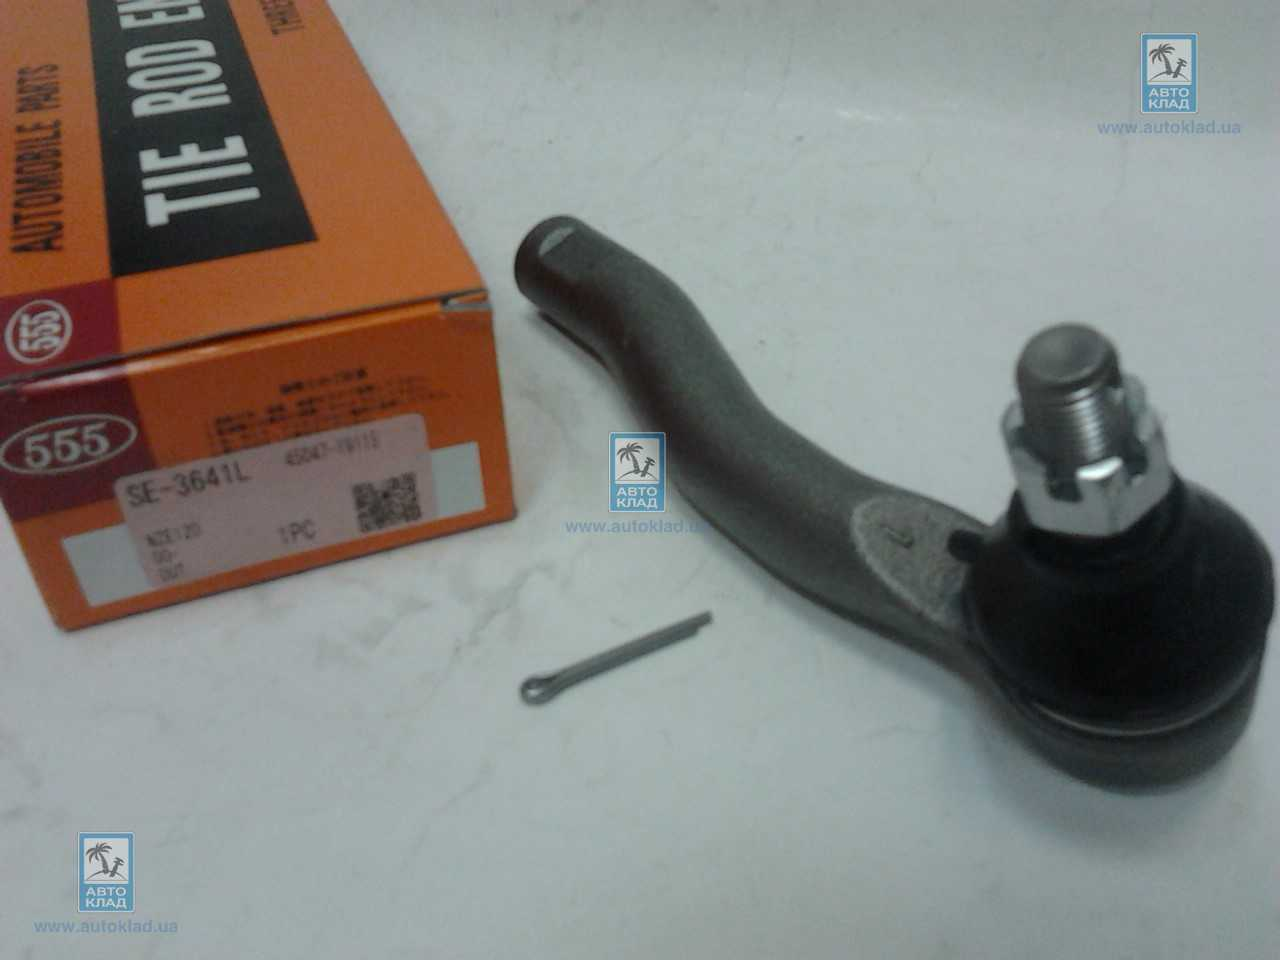 Наконечник рулевой тяги поперечной 555 SE-3641L: цена